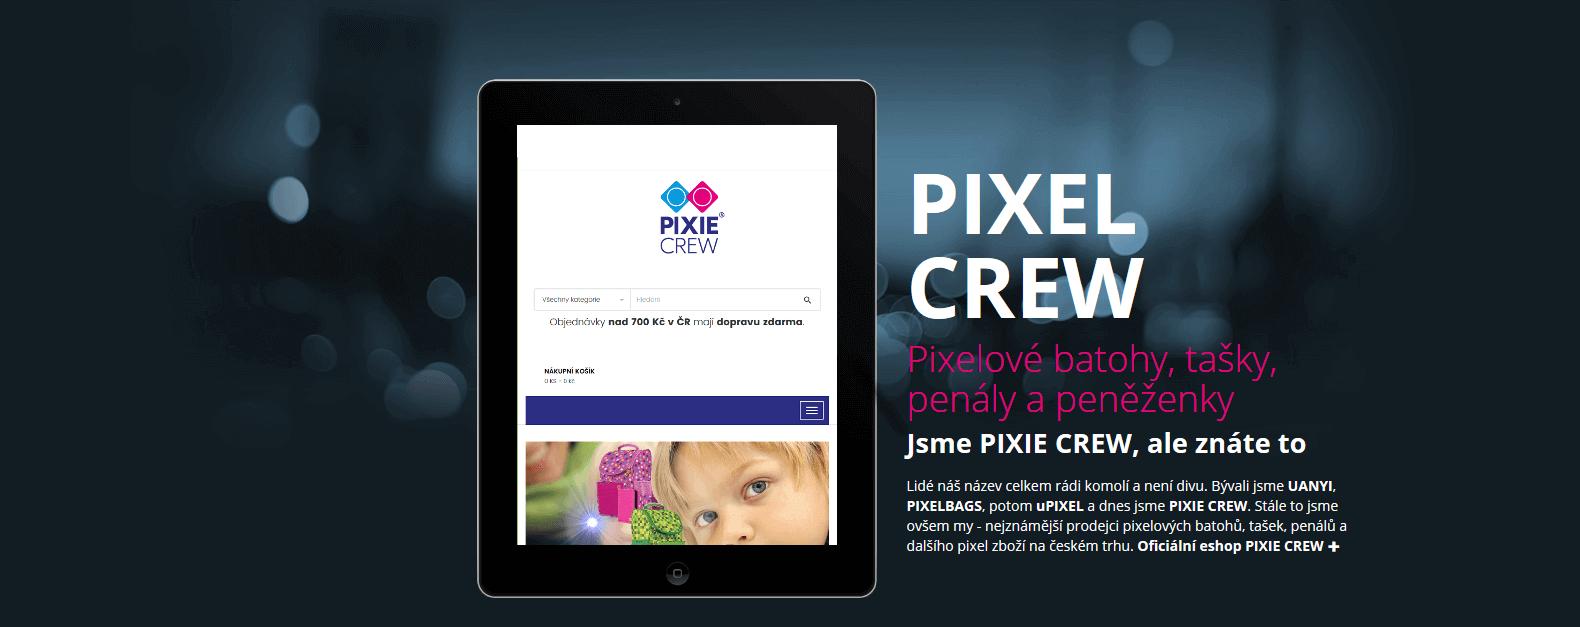 PIXEL CREW má svůj web, ačkoliv jde jen o zkomoleninu PIXIE CREW